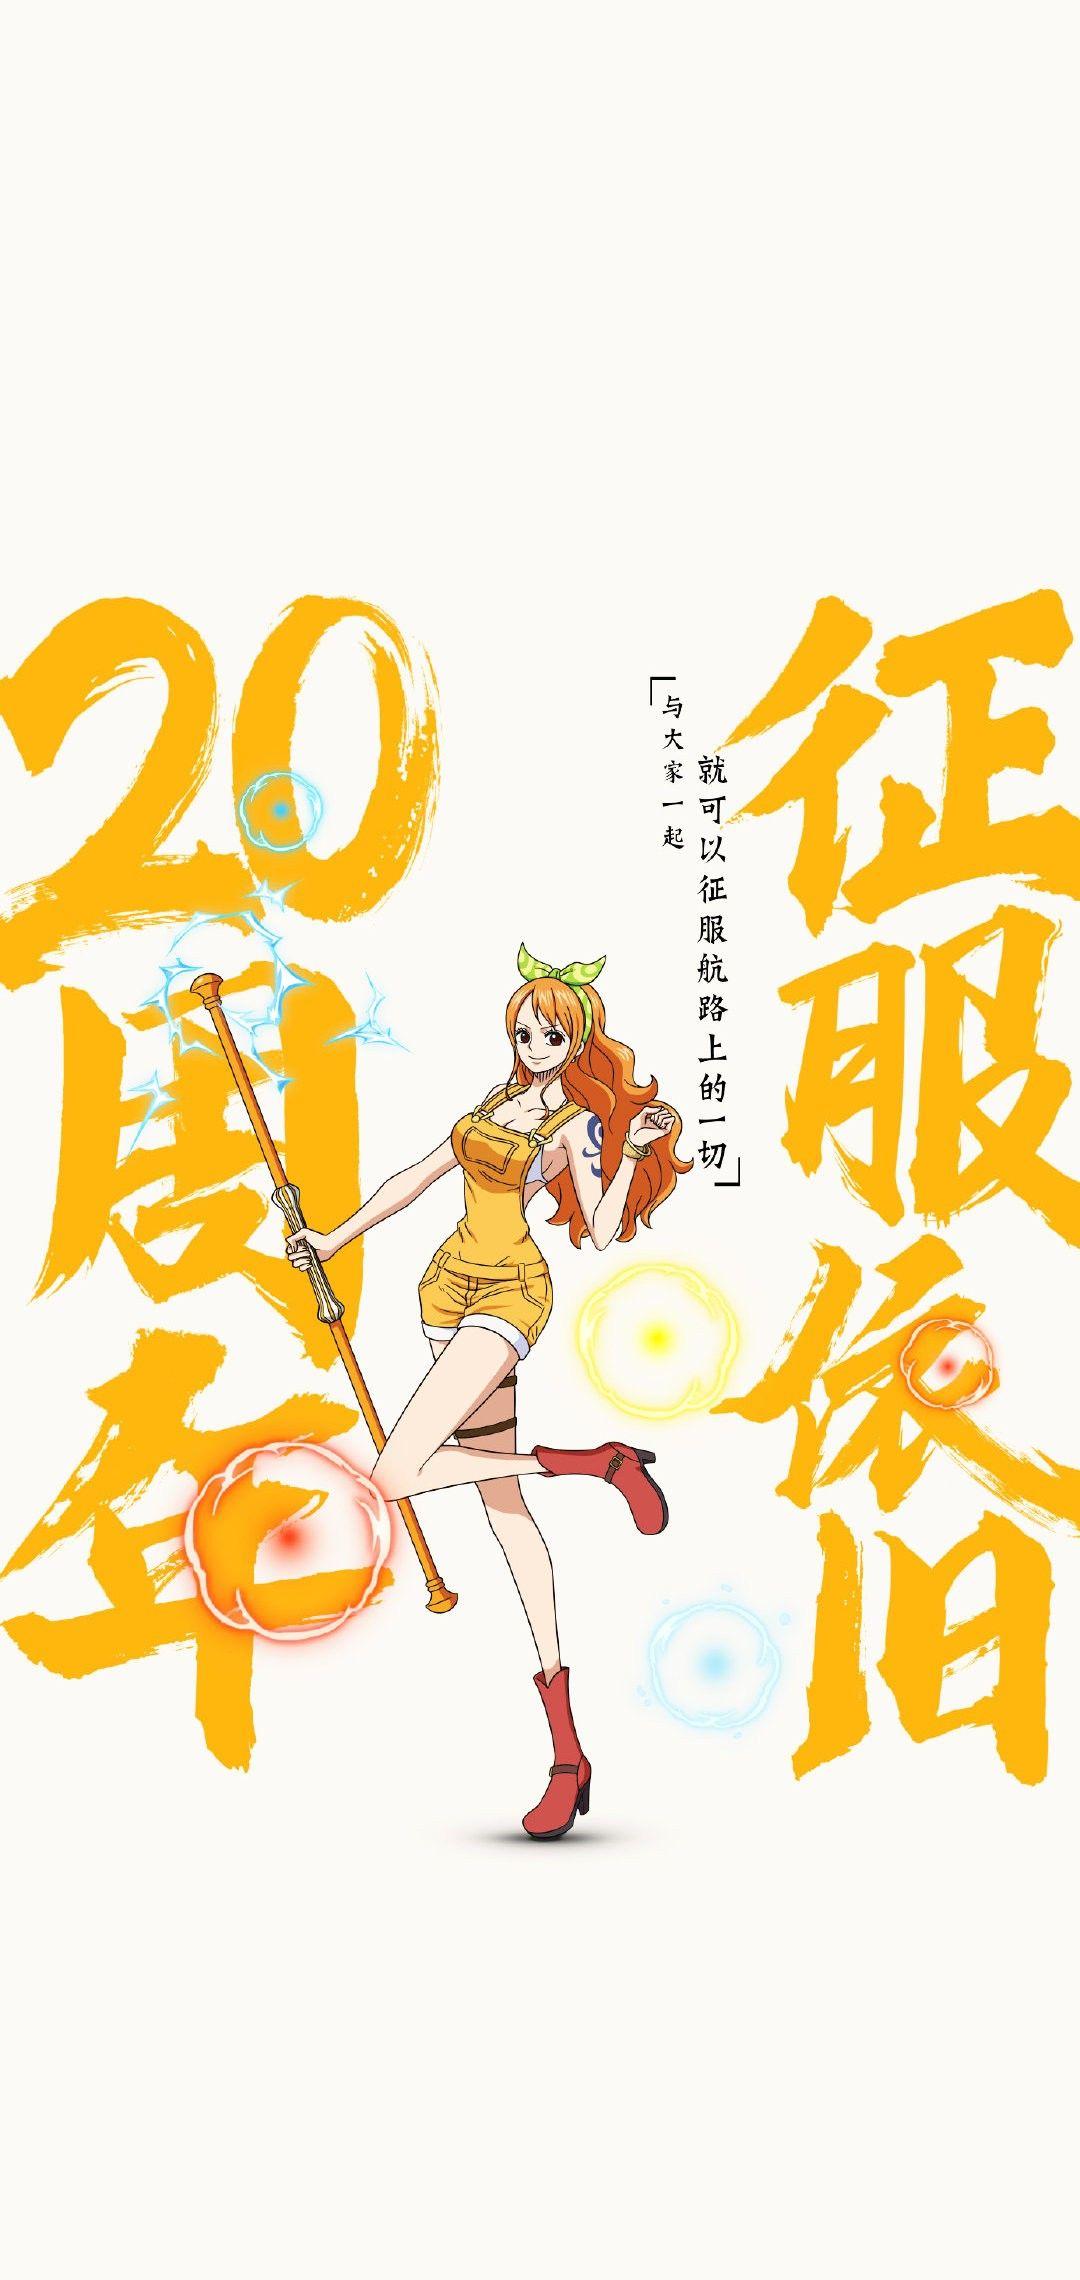 Ghim của Hiền Art trên Những Bộ Ảnh One Piece trong 2020